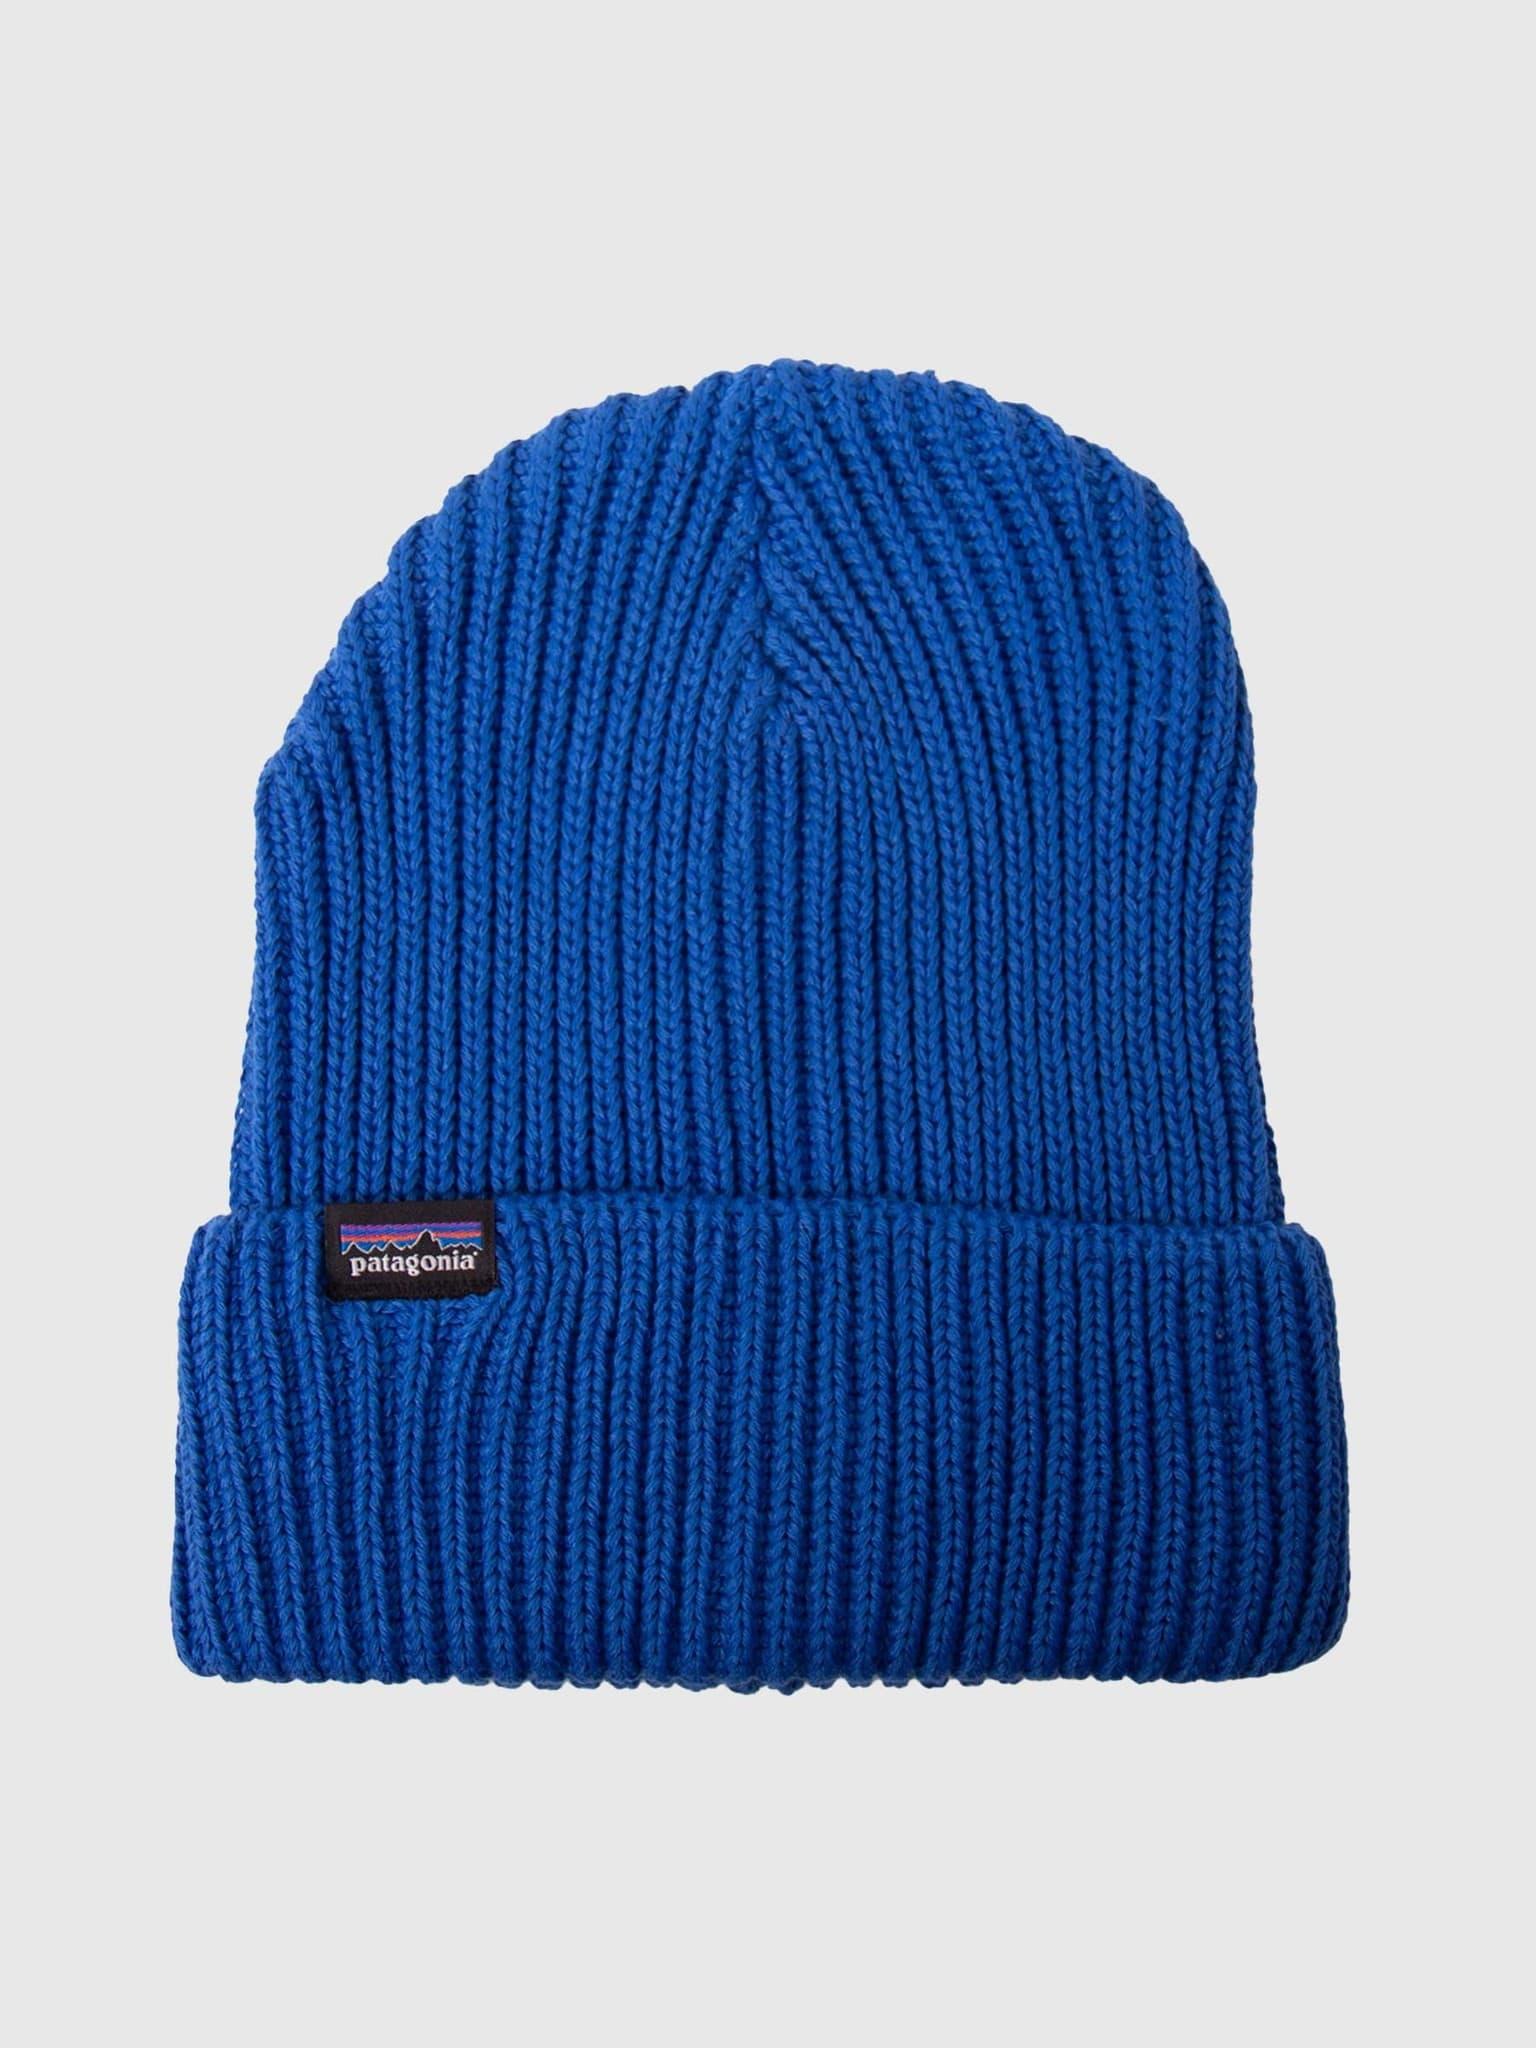 Fishermans Rolled Beanie Alpine Blue 29105